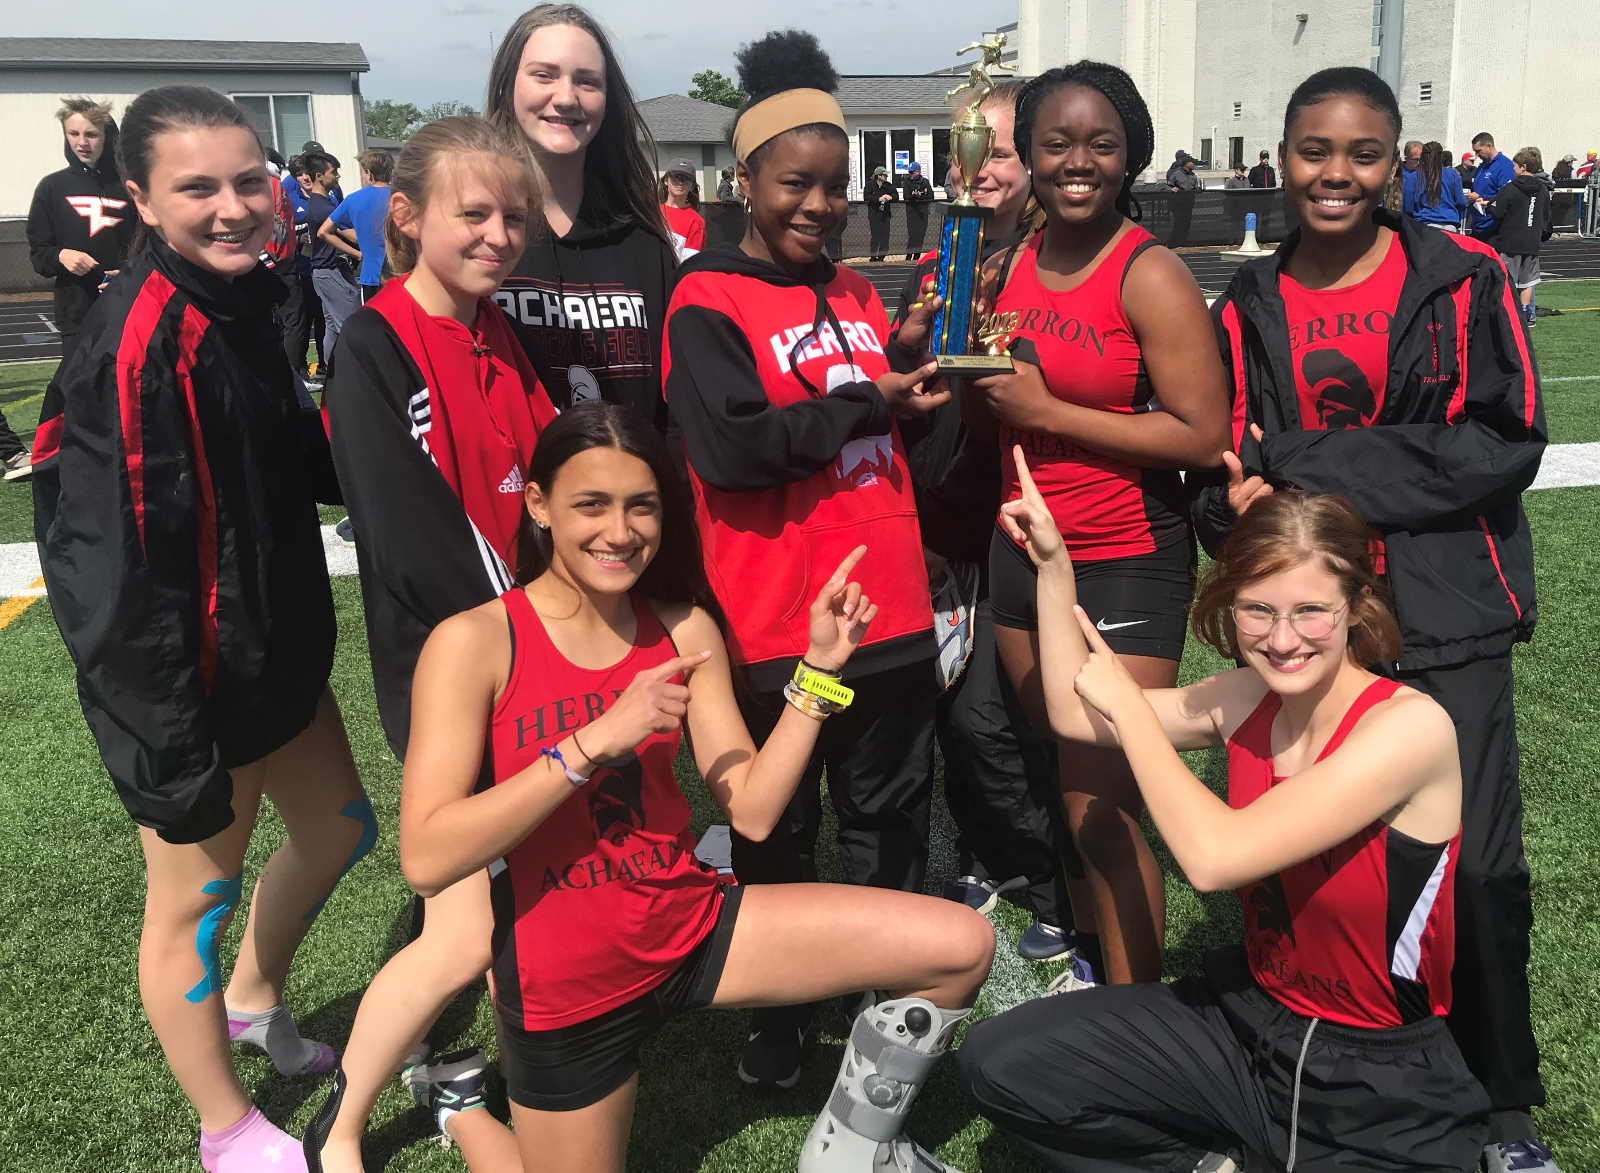 Herron Girls Take First at Freshman City Meet!